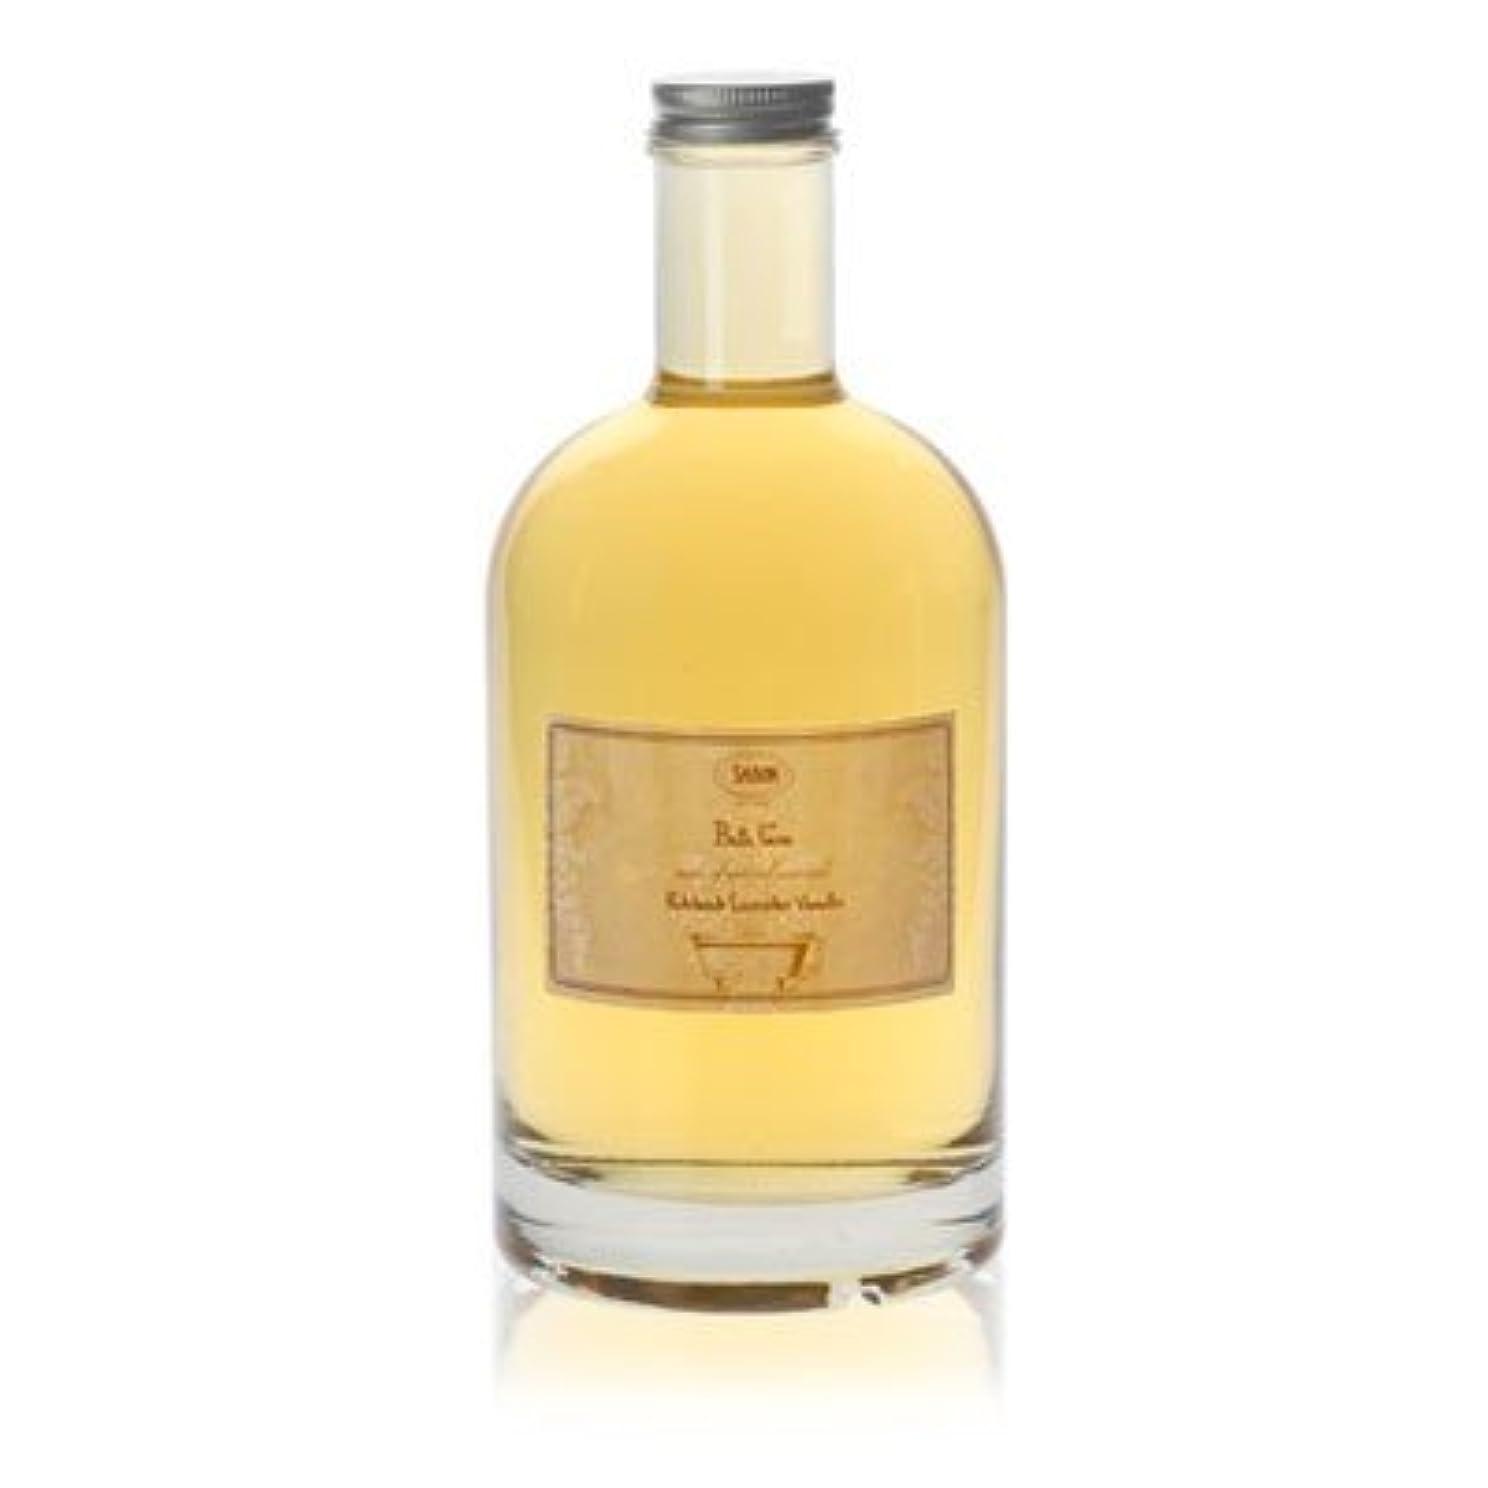 ランチおかしい類似性【SABON(サボン)】Bath Foam Patchouli Lavender Vanilla バス フォーム パチョリ ラベンダー バニラ